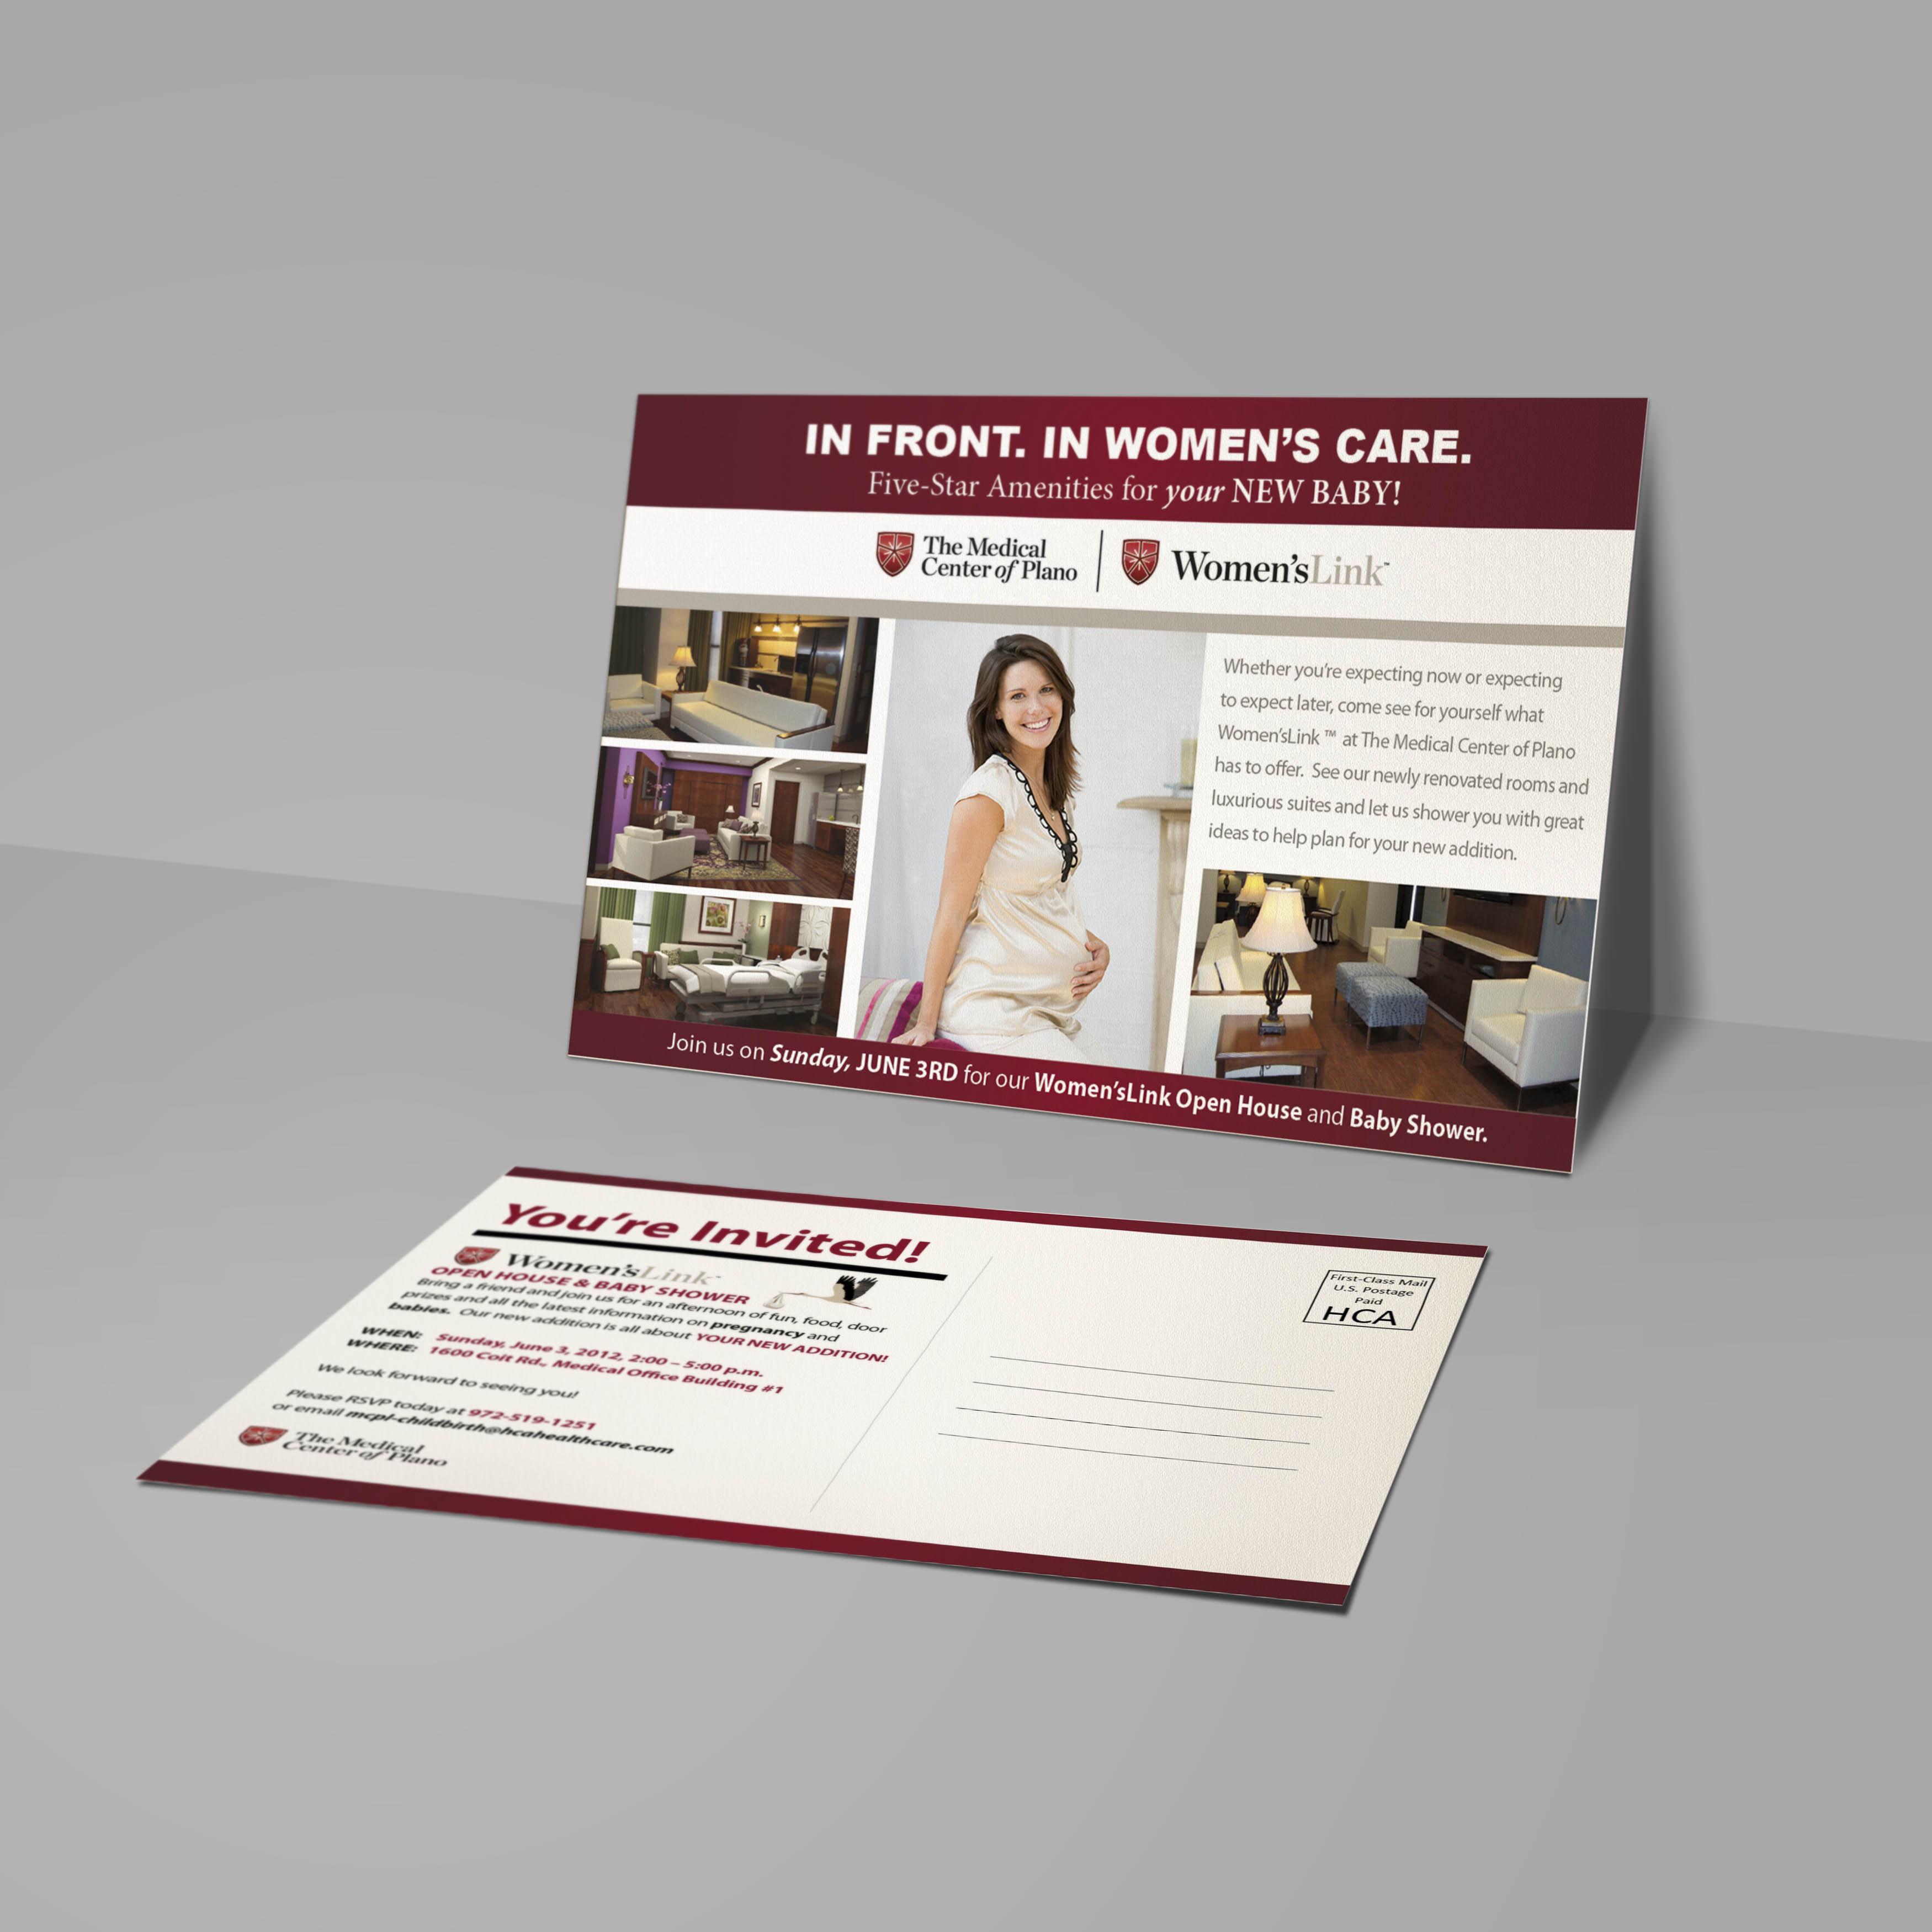 Women's Link Open House